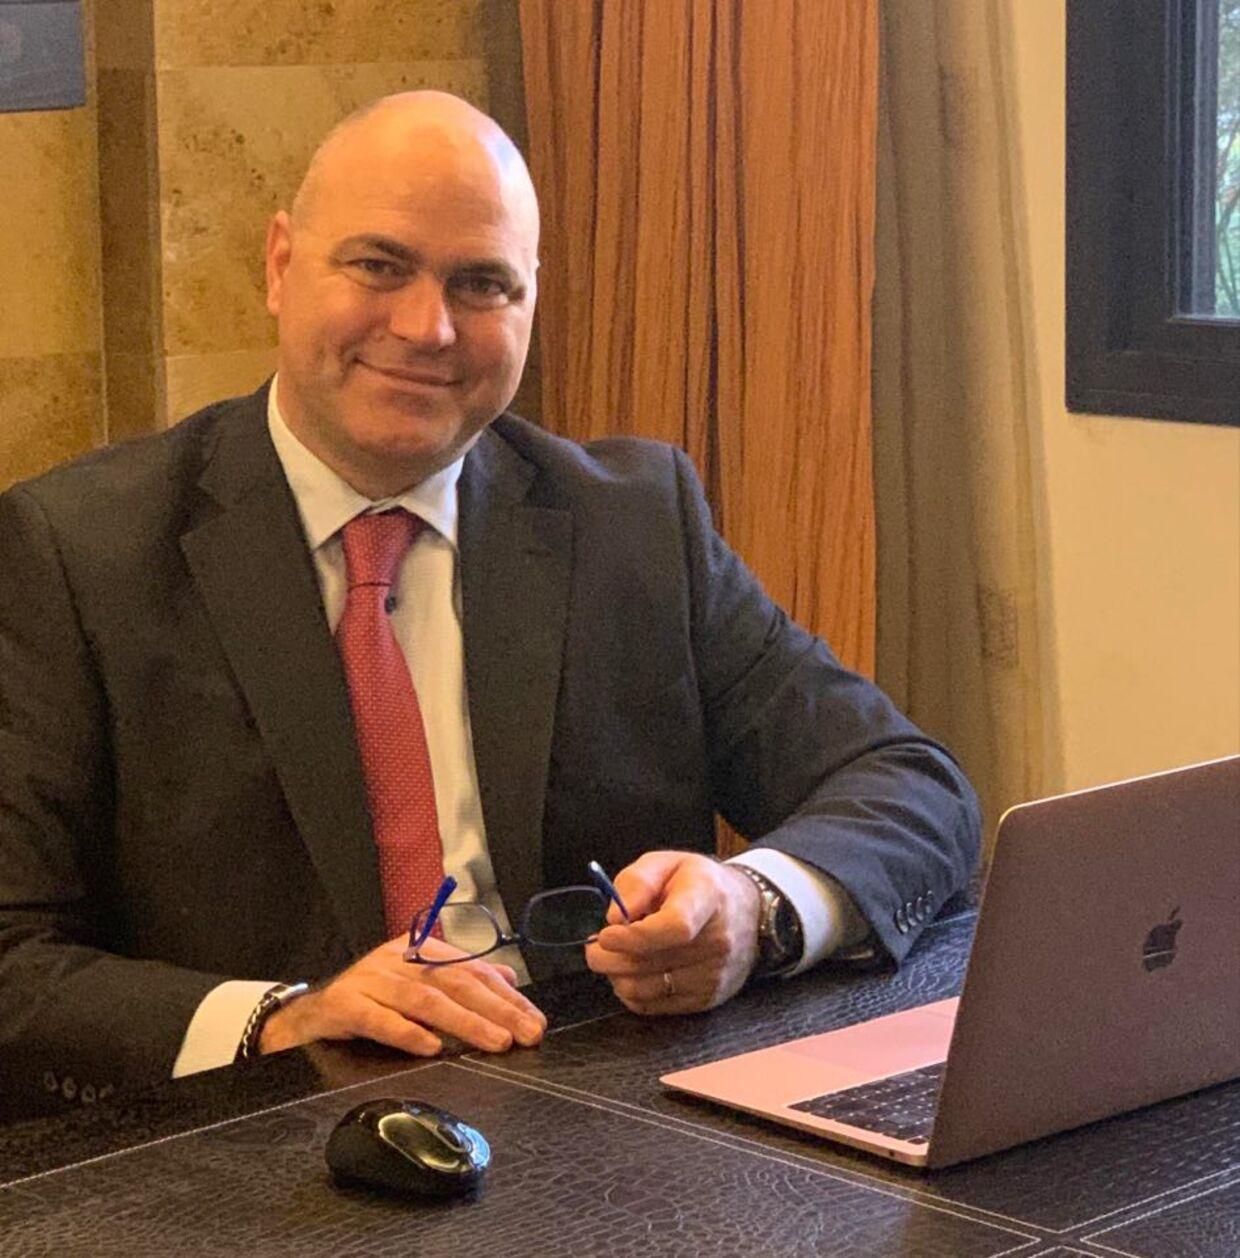 Dan Morgensen bor i Libanon, men vil gerne tilbage hjem så hurtigt som muligt. Han søger nu arbejde i Danmark.